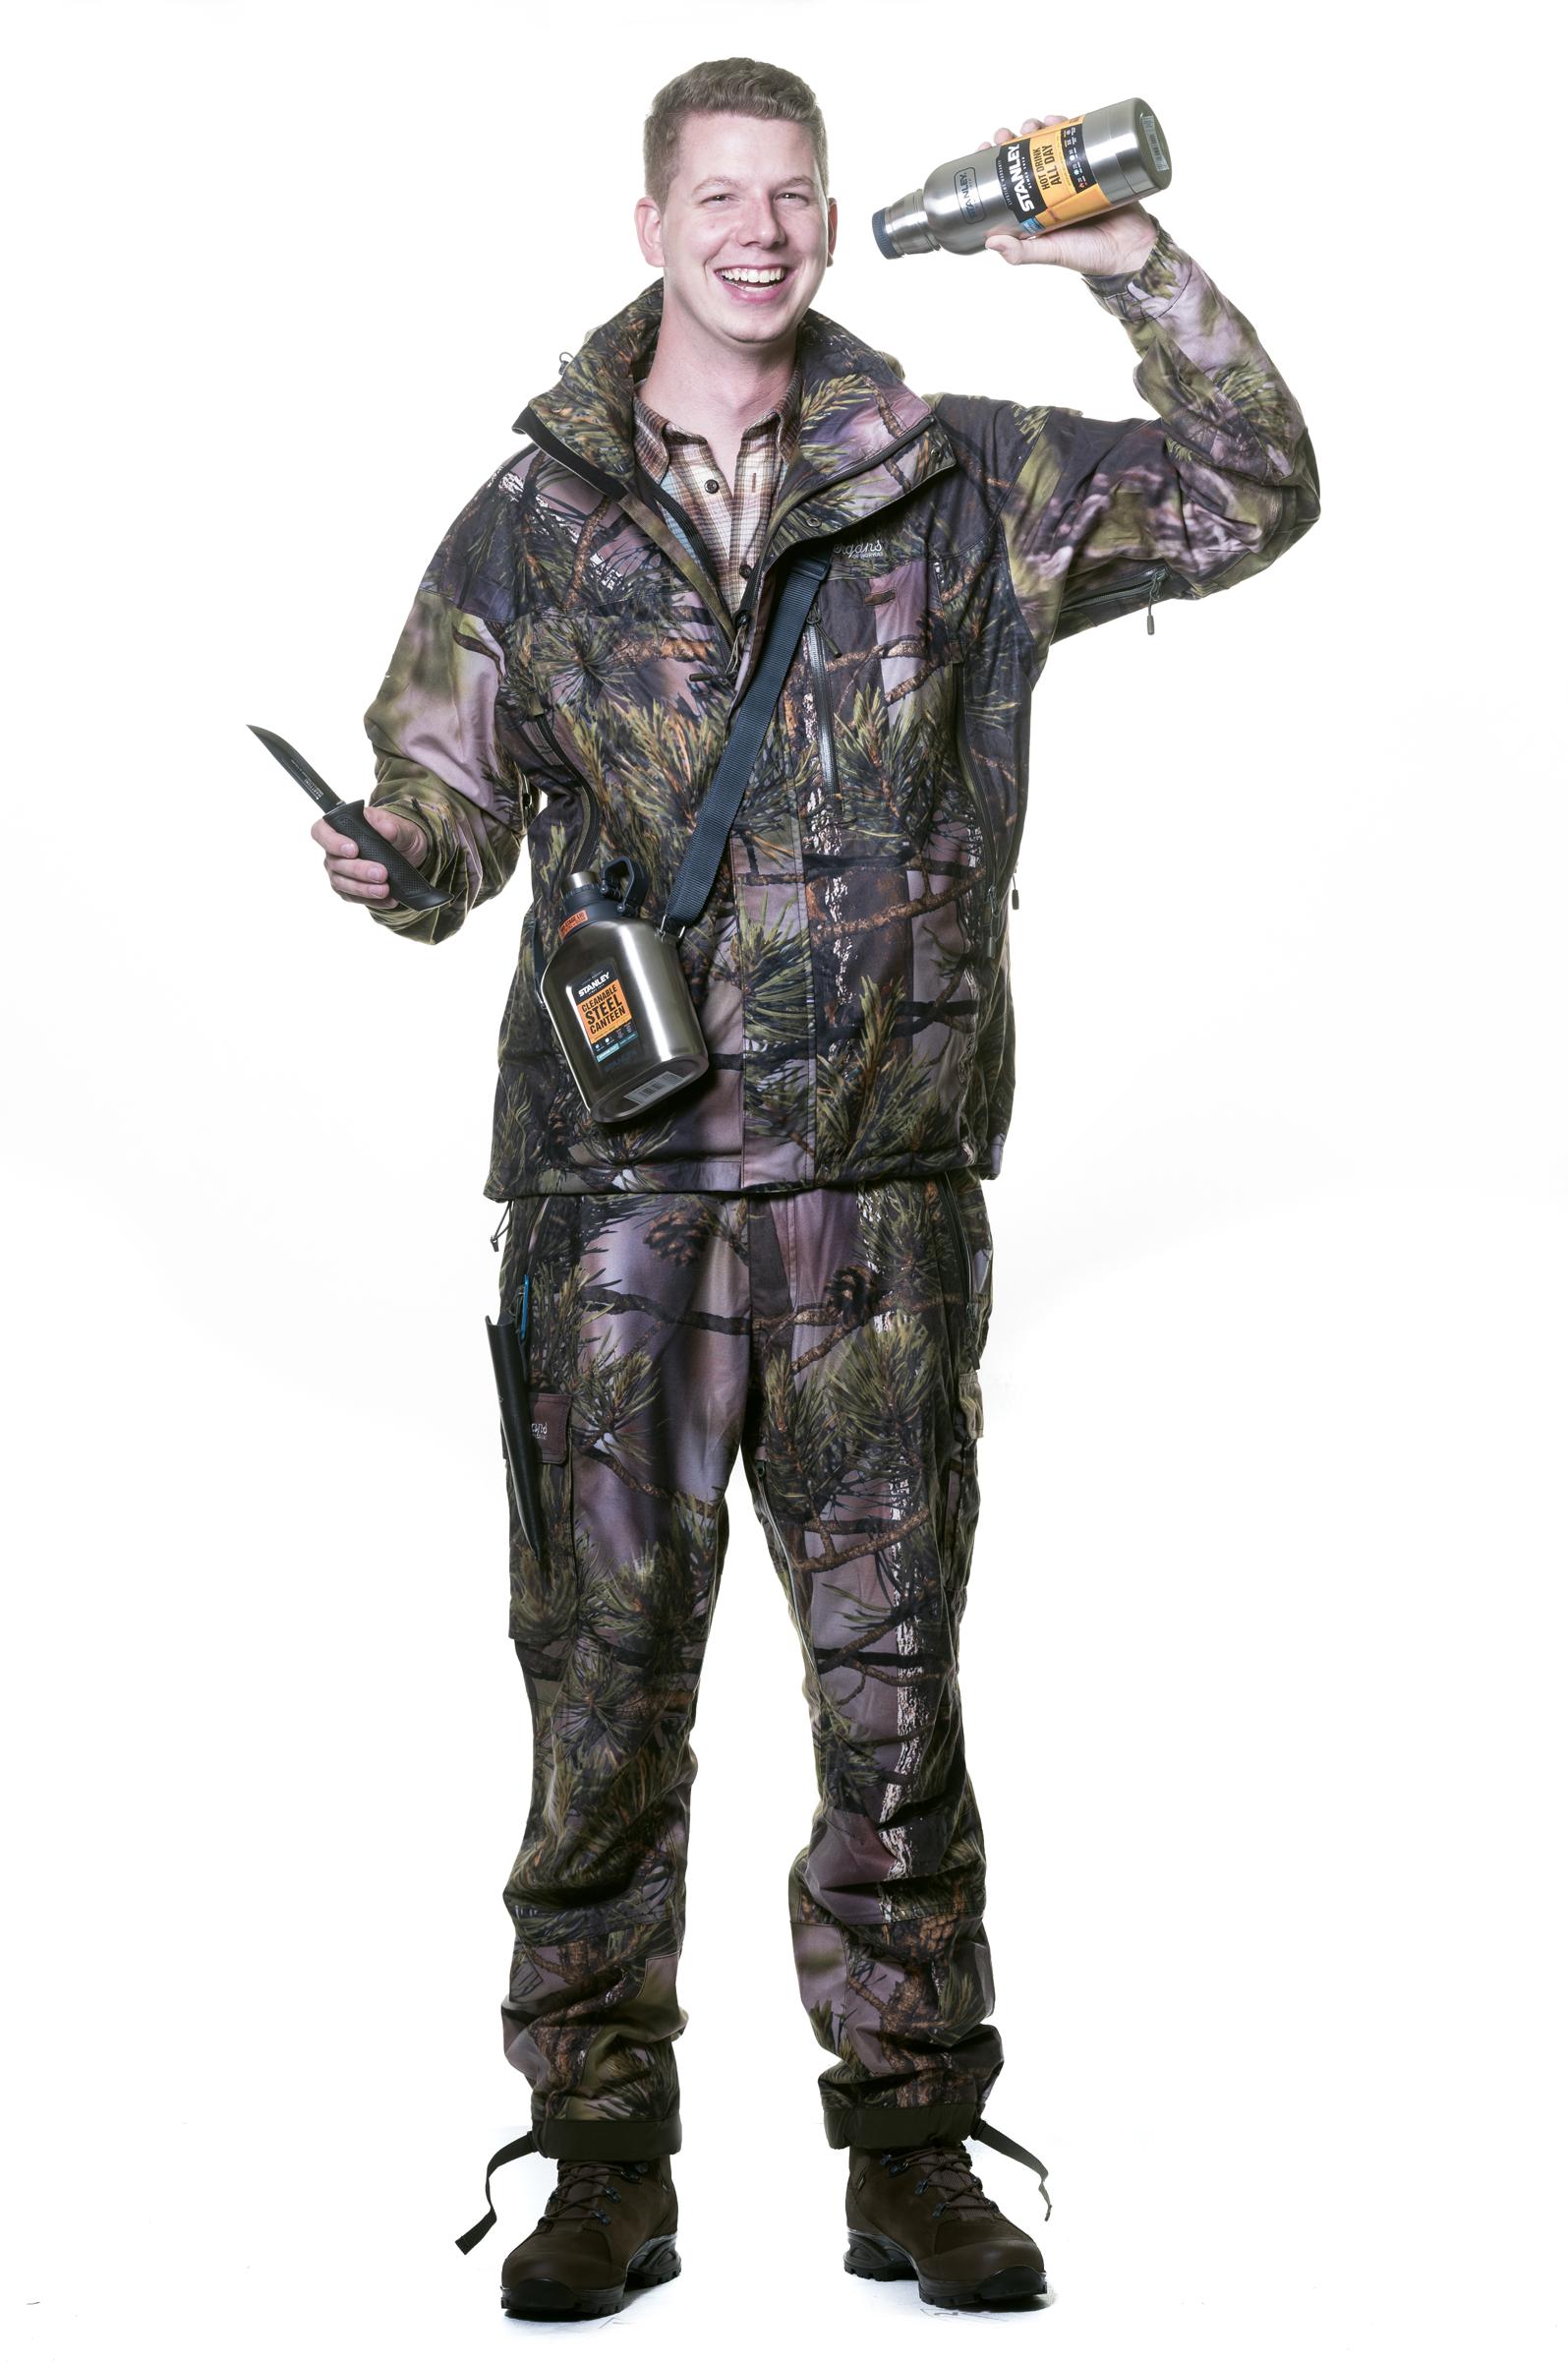 L1000025 2 Kopie Jagd jagen jäger jaegermagazin testreise 2016 Schottland Ardnamurchan